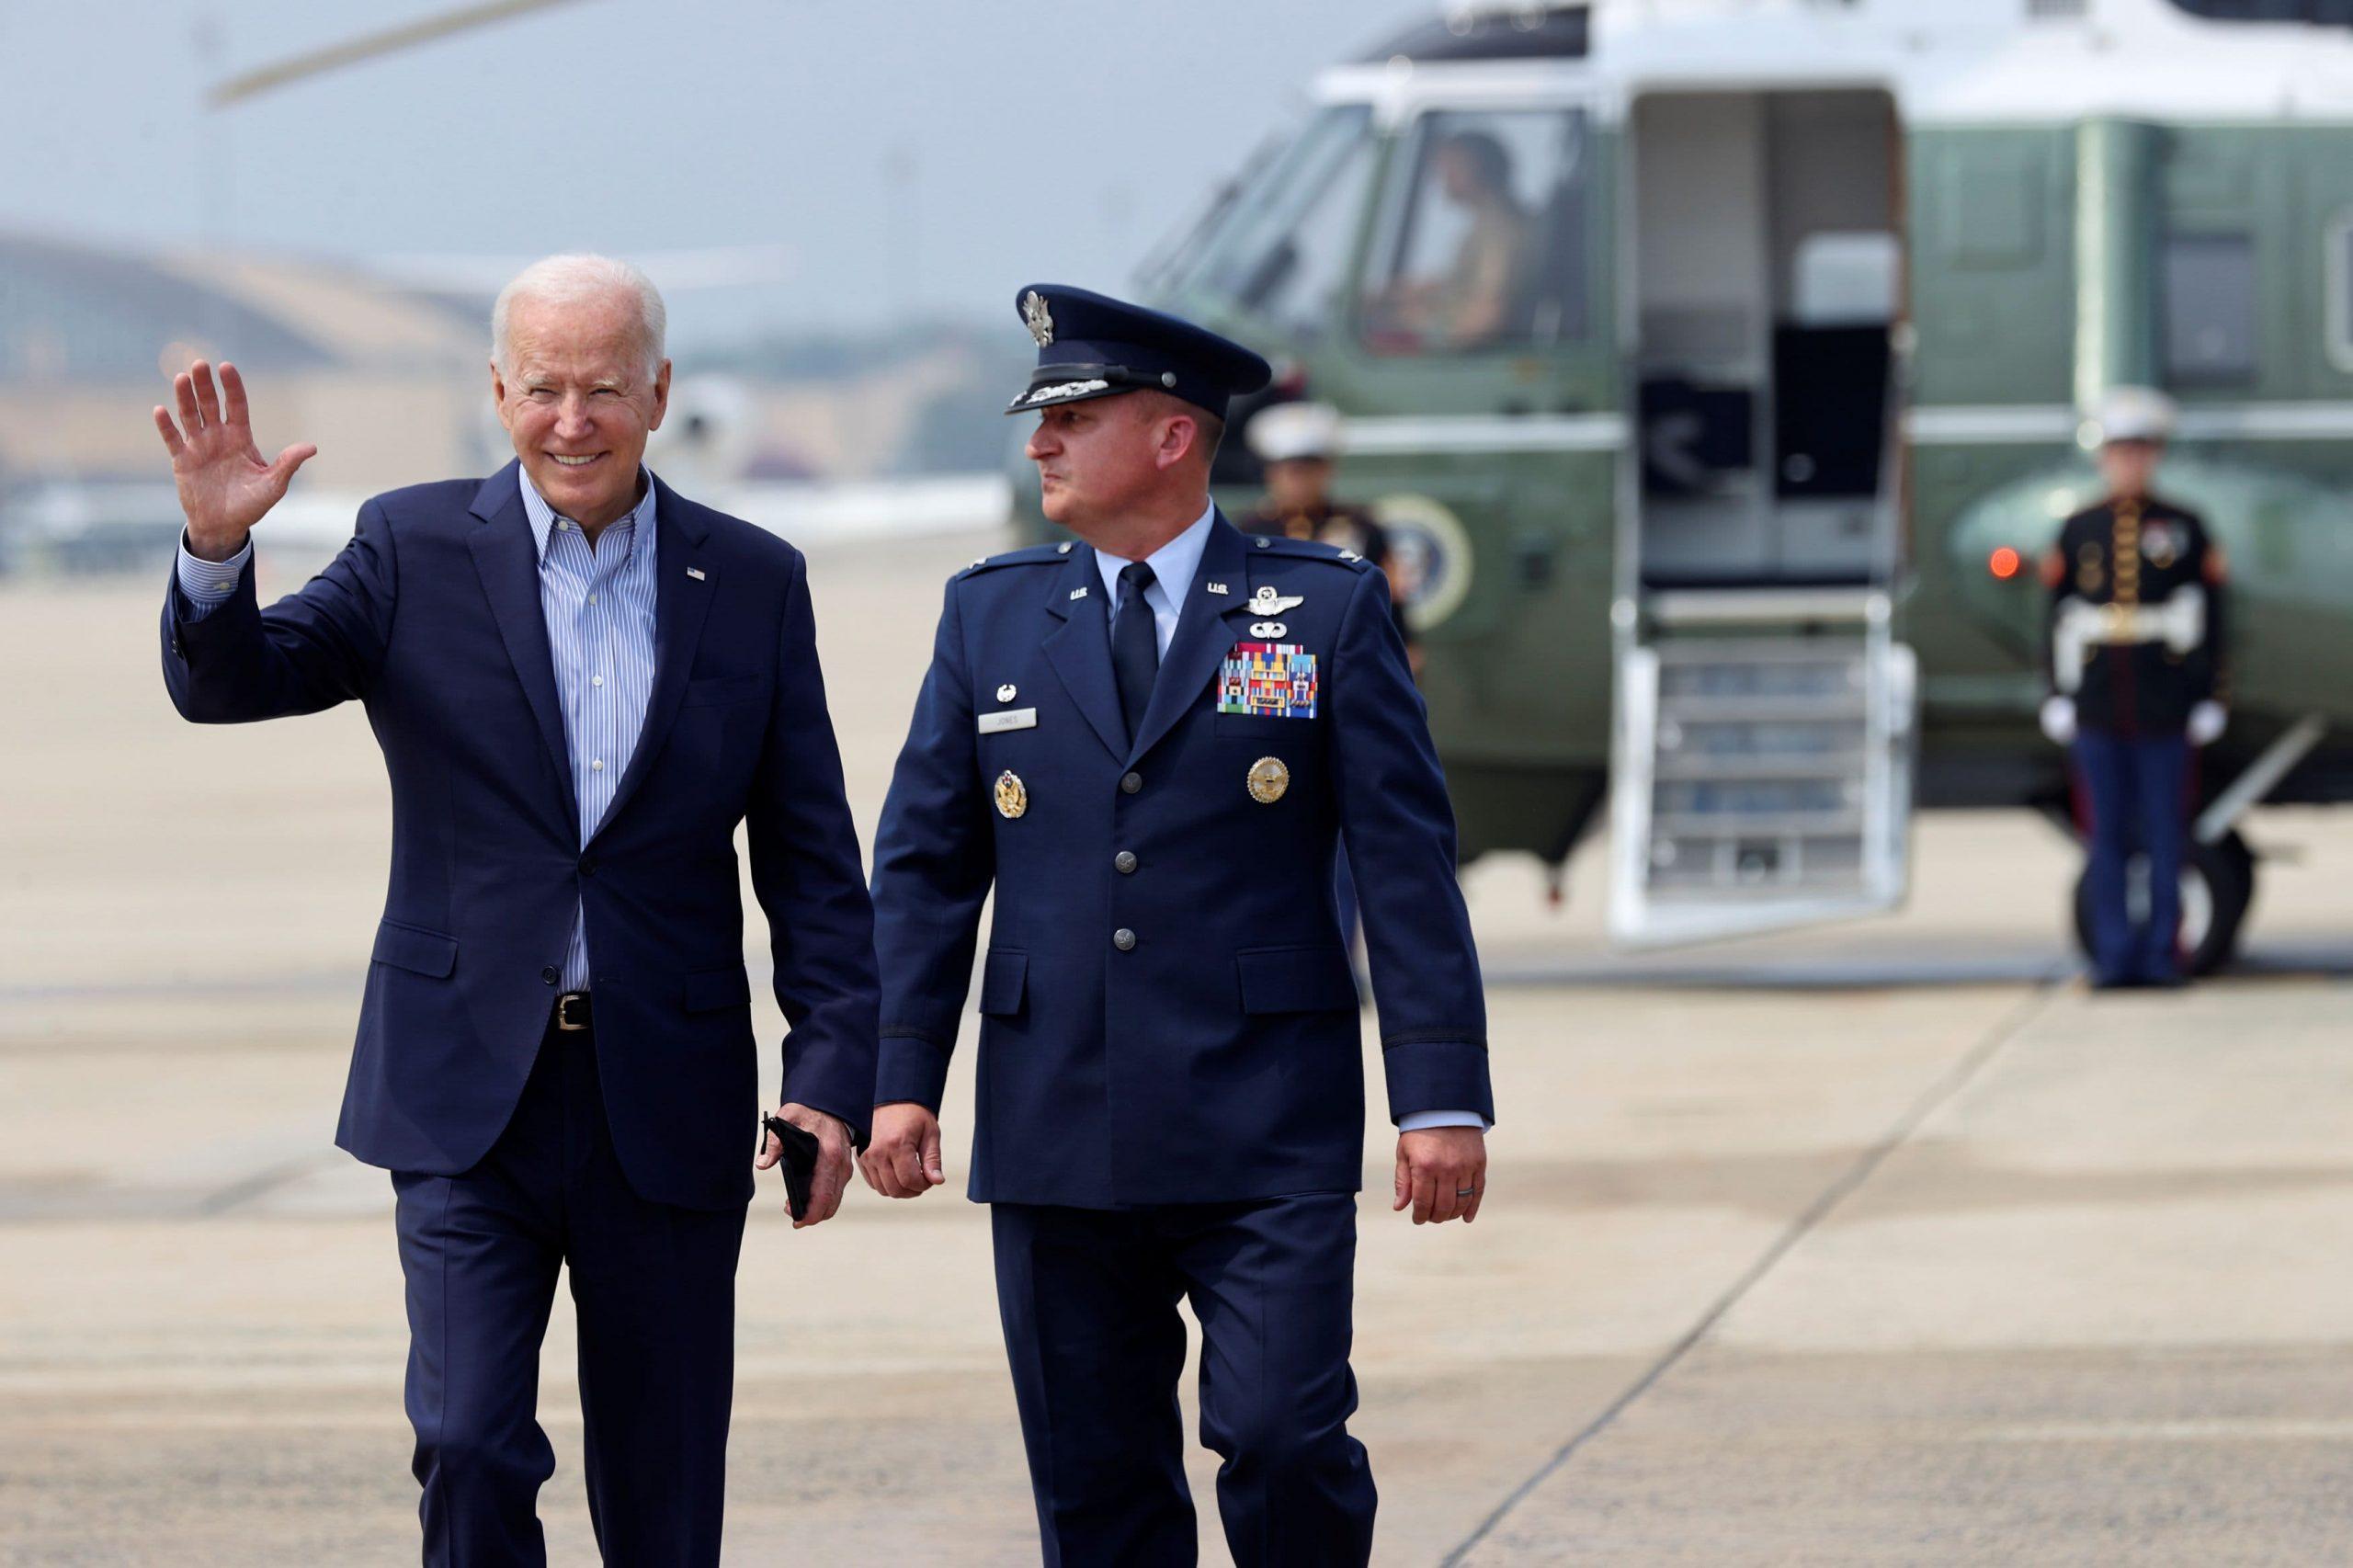 Biden visitará Ohio por tercera vez durante su presidencia para impulsar su agenda económica